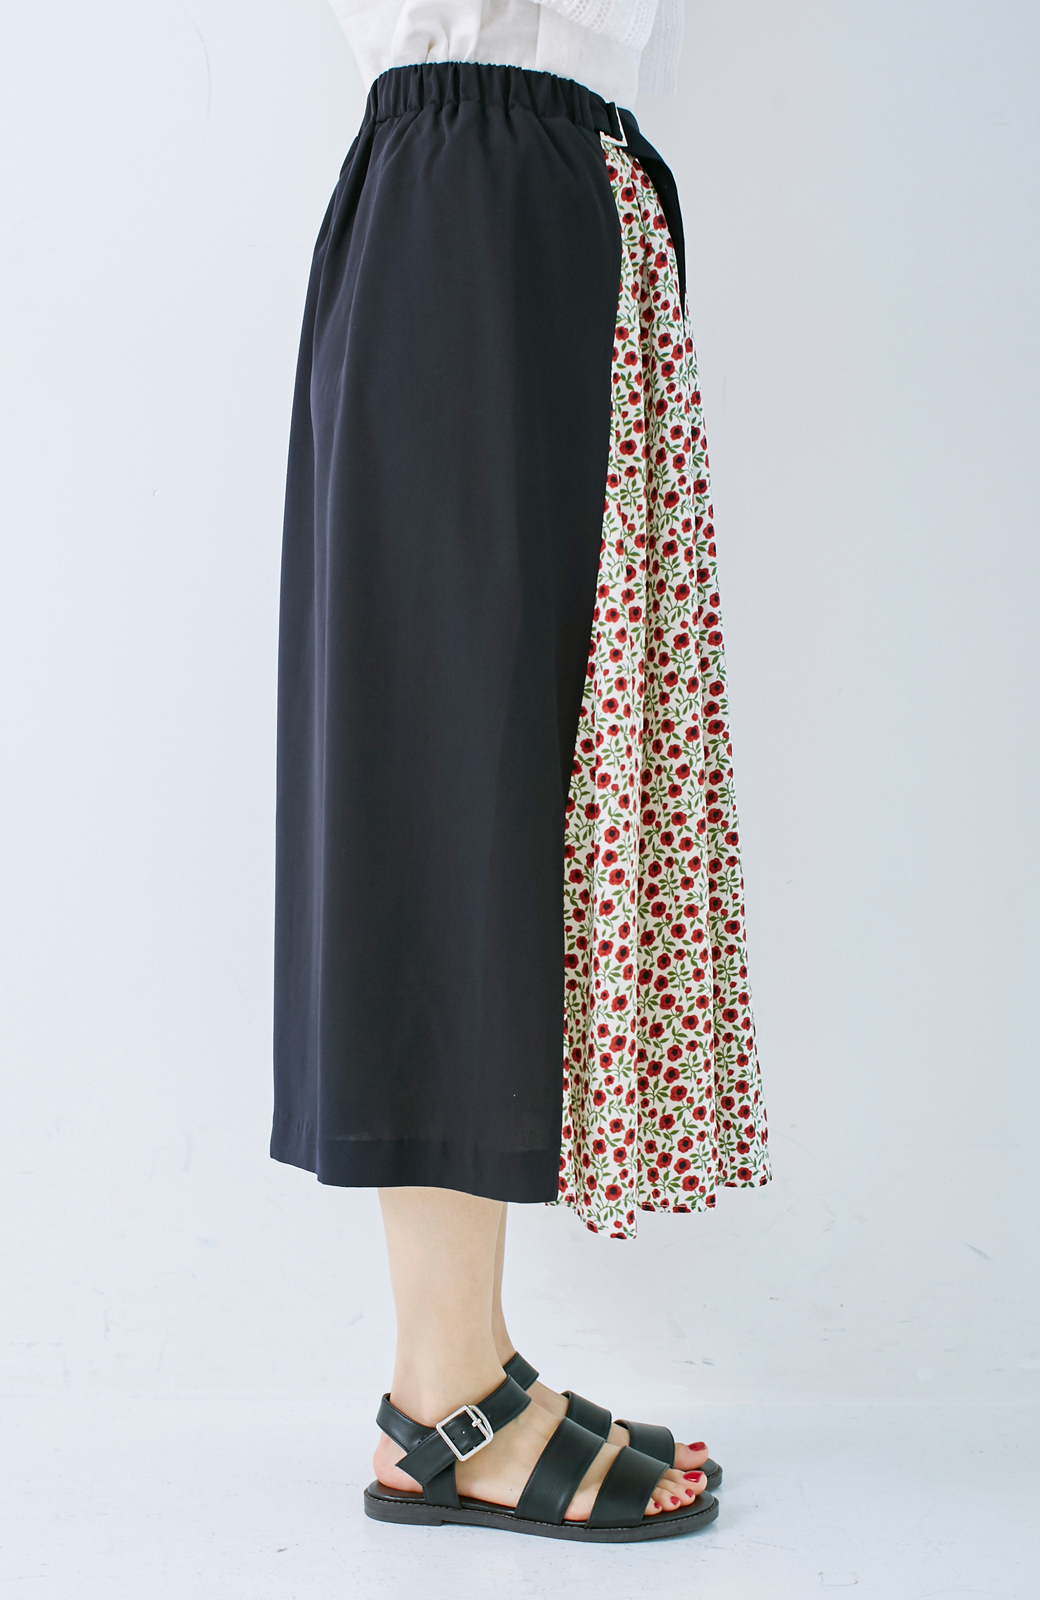 エムトロワ 大人っぽく柄を楽しめる 花柄&カラーコンビのフレアースカート <ネイビー>の商品写真5